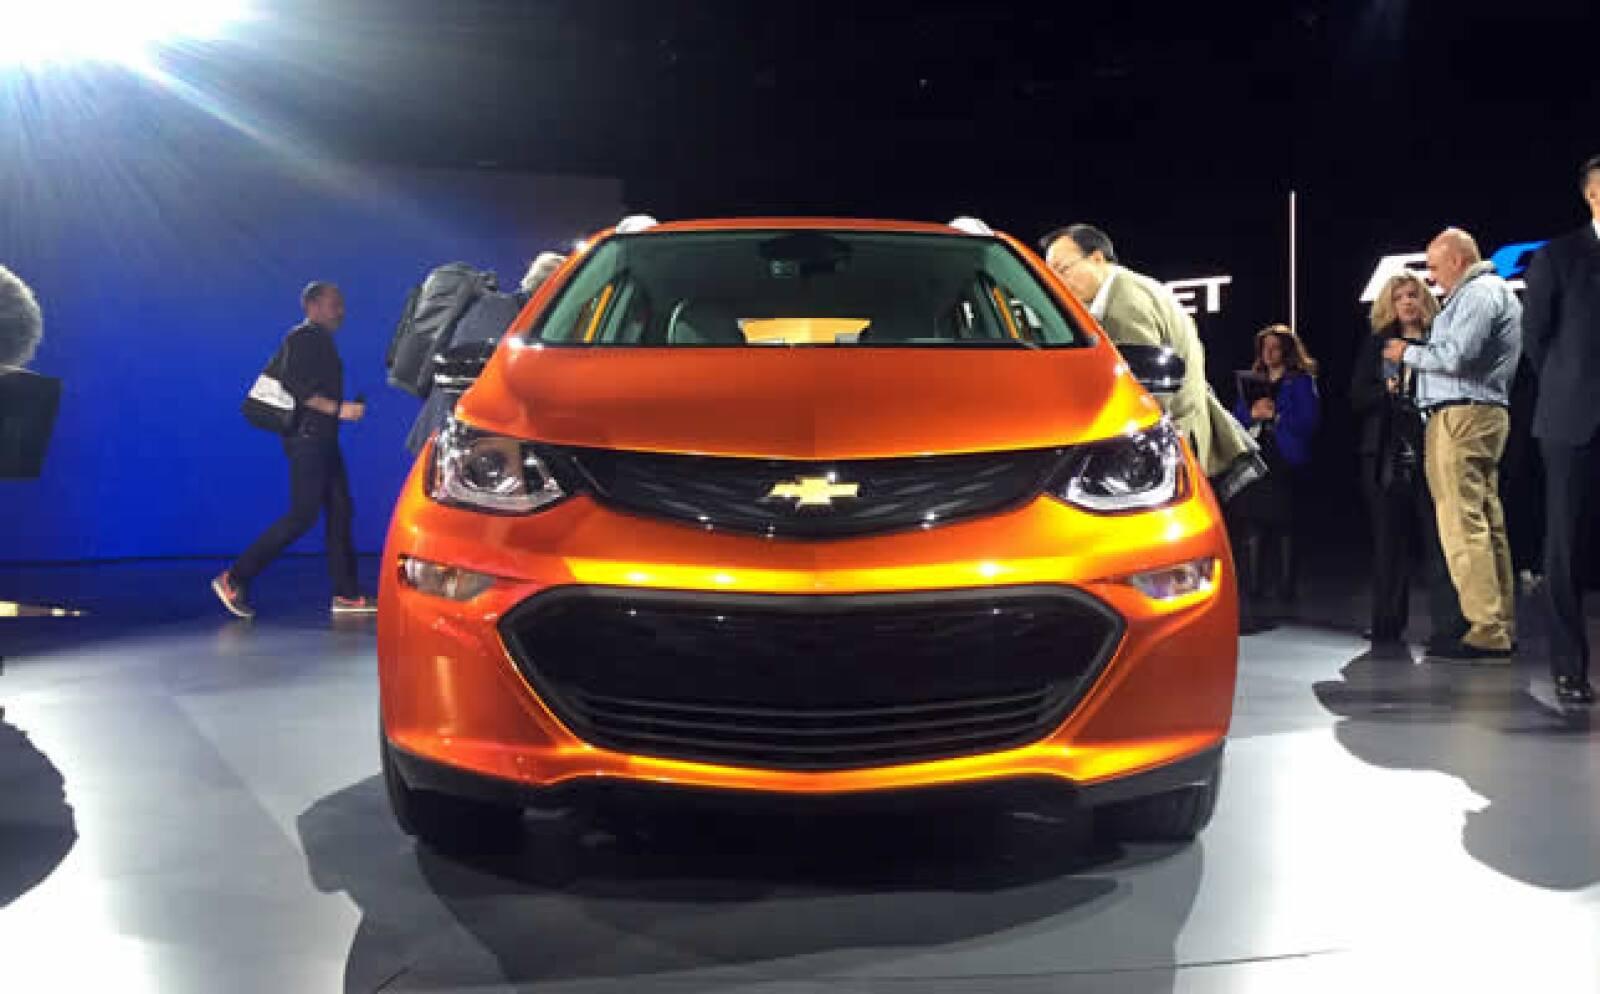 El Chevrolet Bolt EV puede dar hasta 200 millas de distancia con una carga de batería.